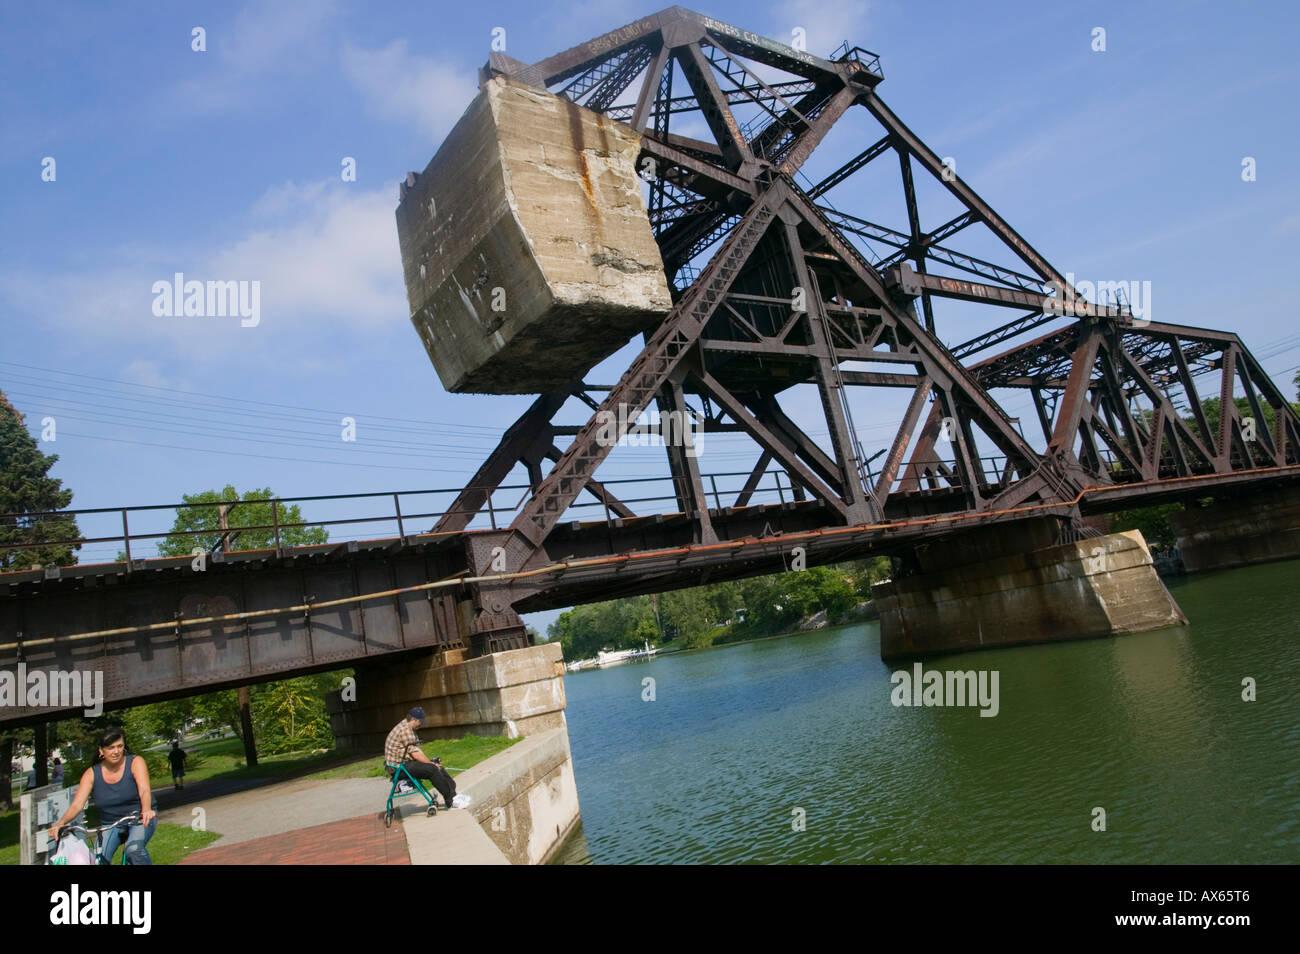 Tonawanda Stock Photos & Tonawanda Stock Images - Alamy